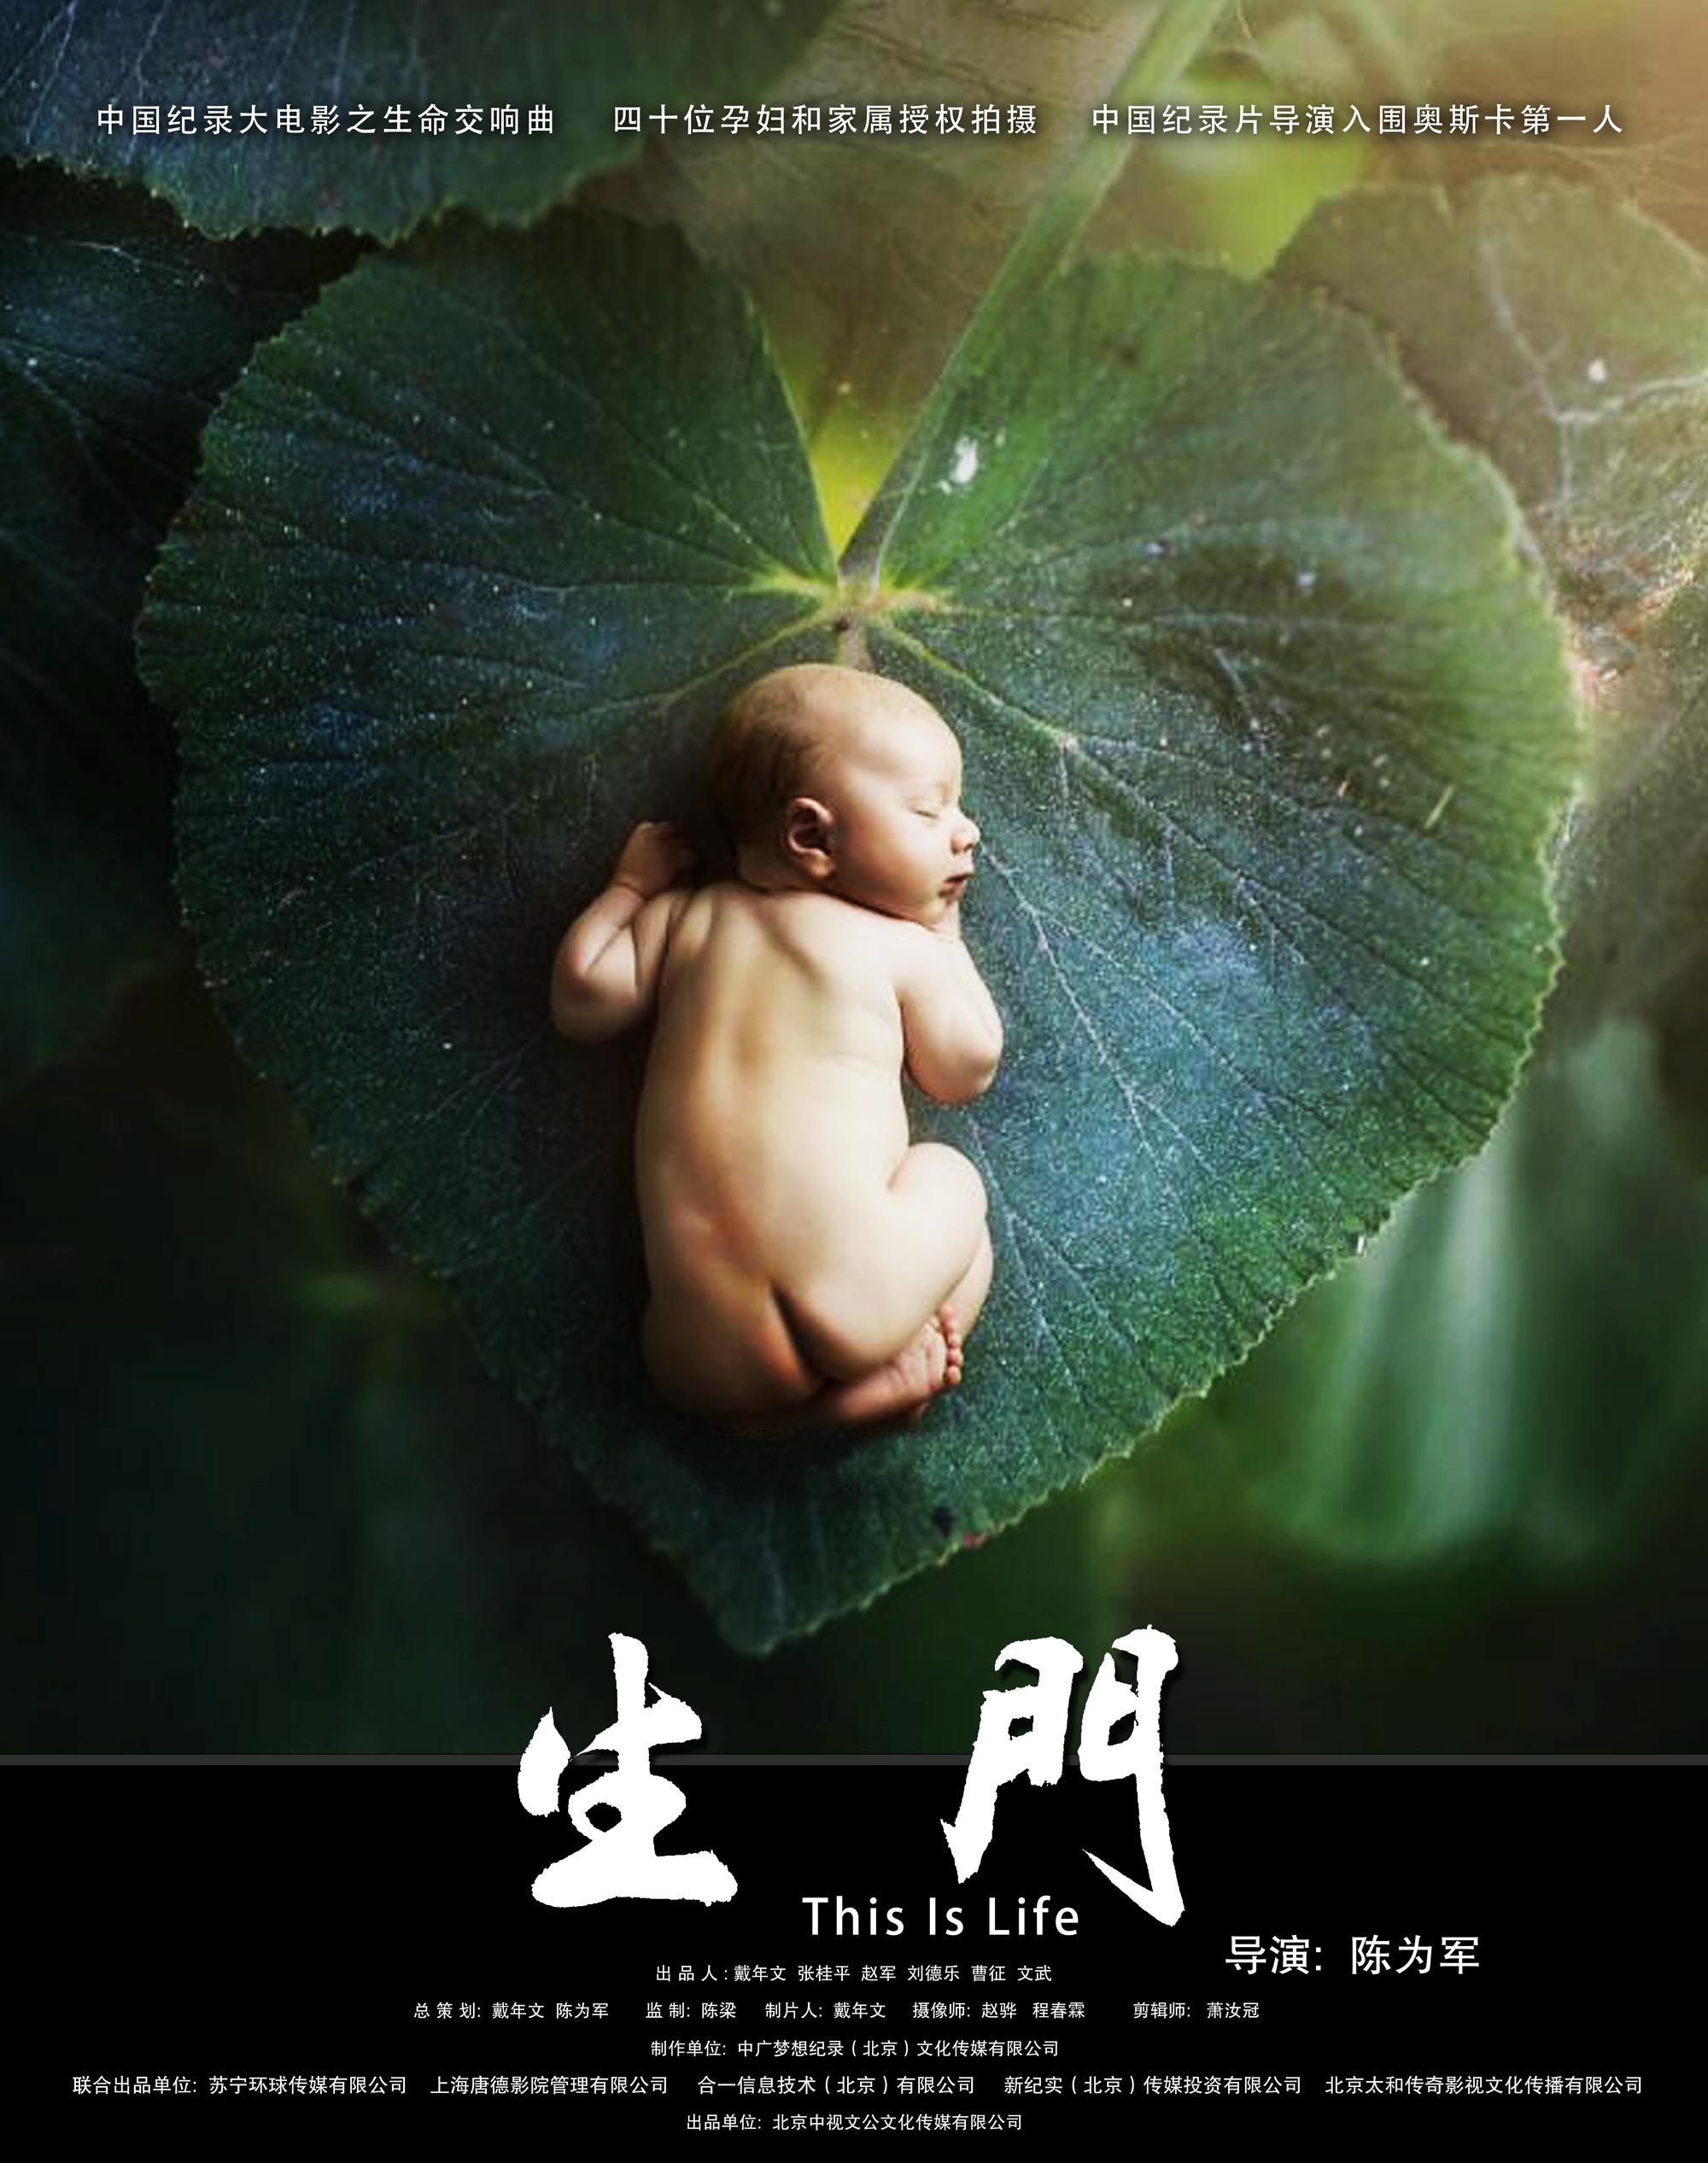 纪录片部落-纪录片从业者门户:东方卫视-生门(全13集)/720P高清/国语内嵌中字/百度